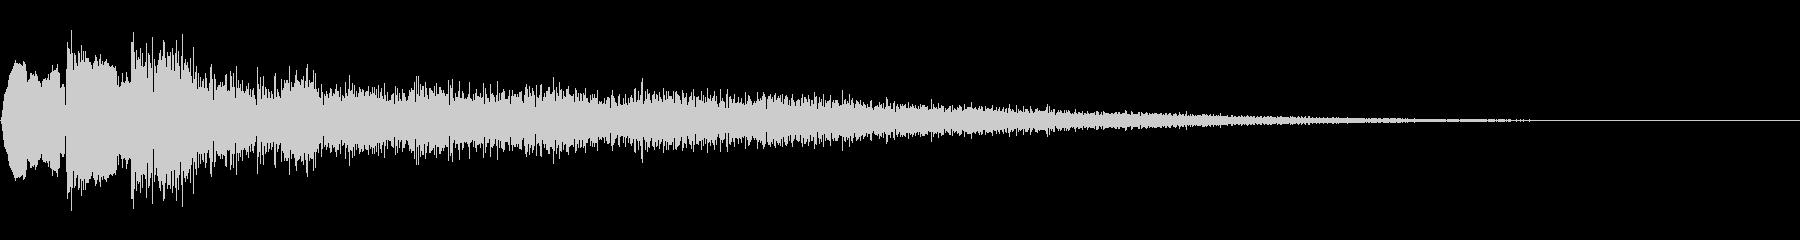 起動音 9の未再生の波形